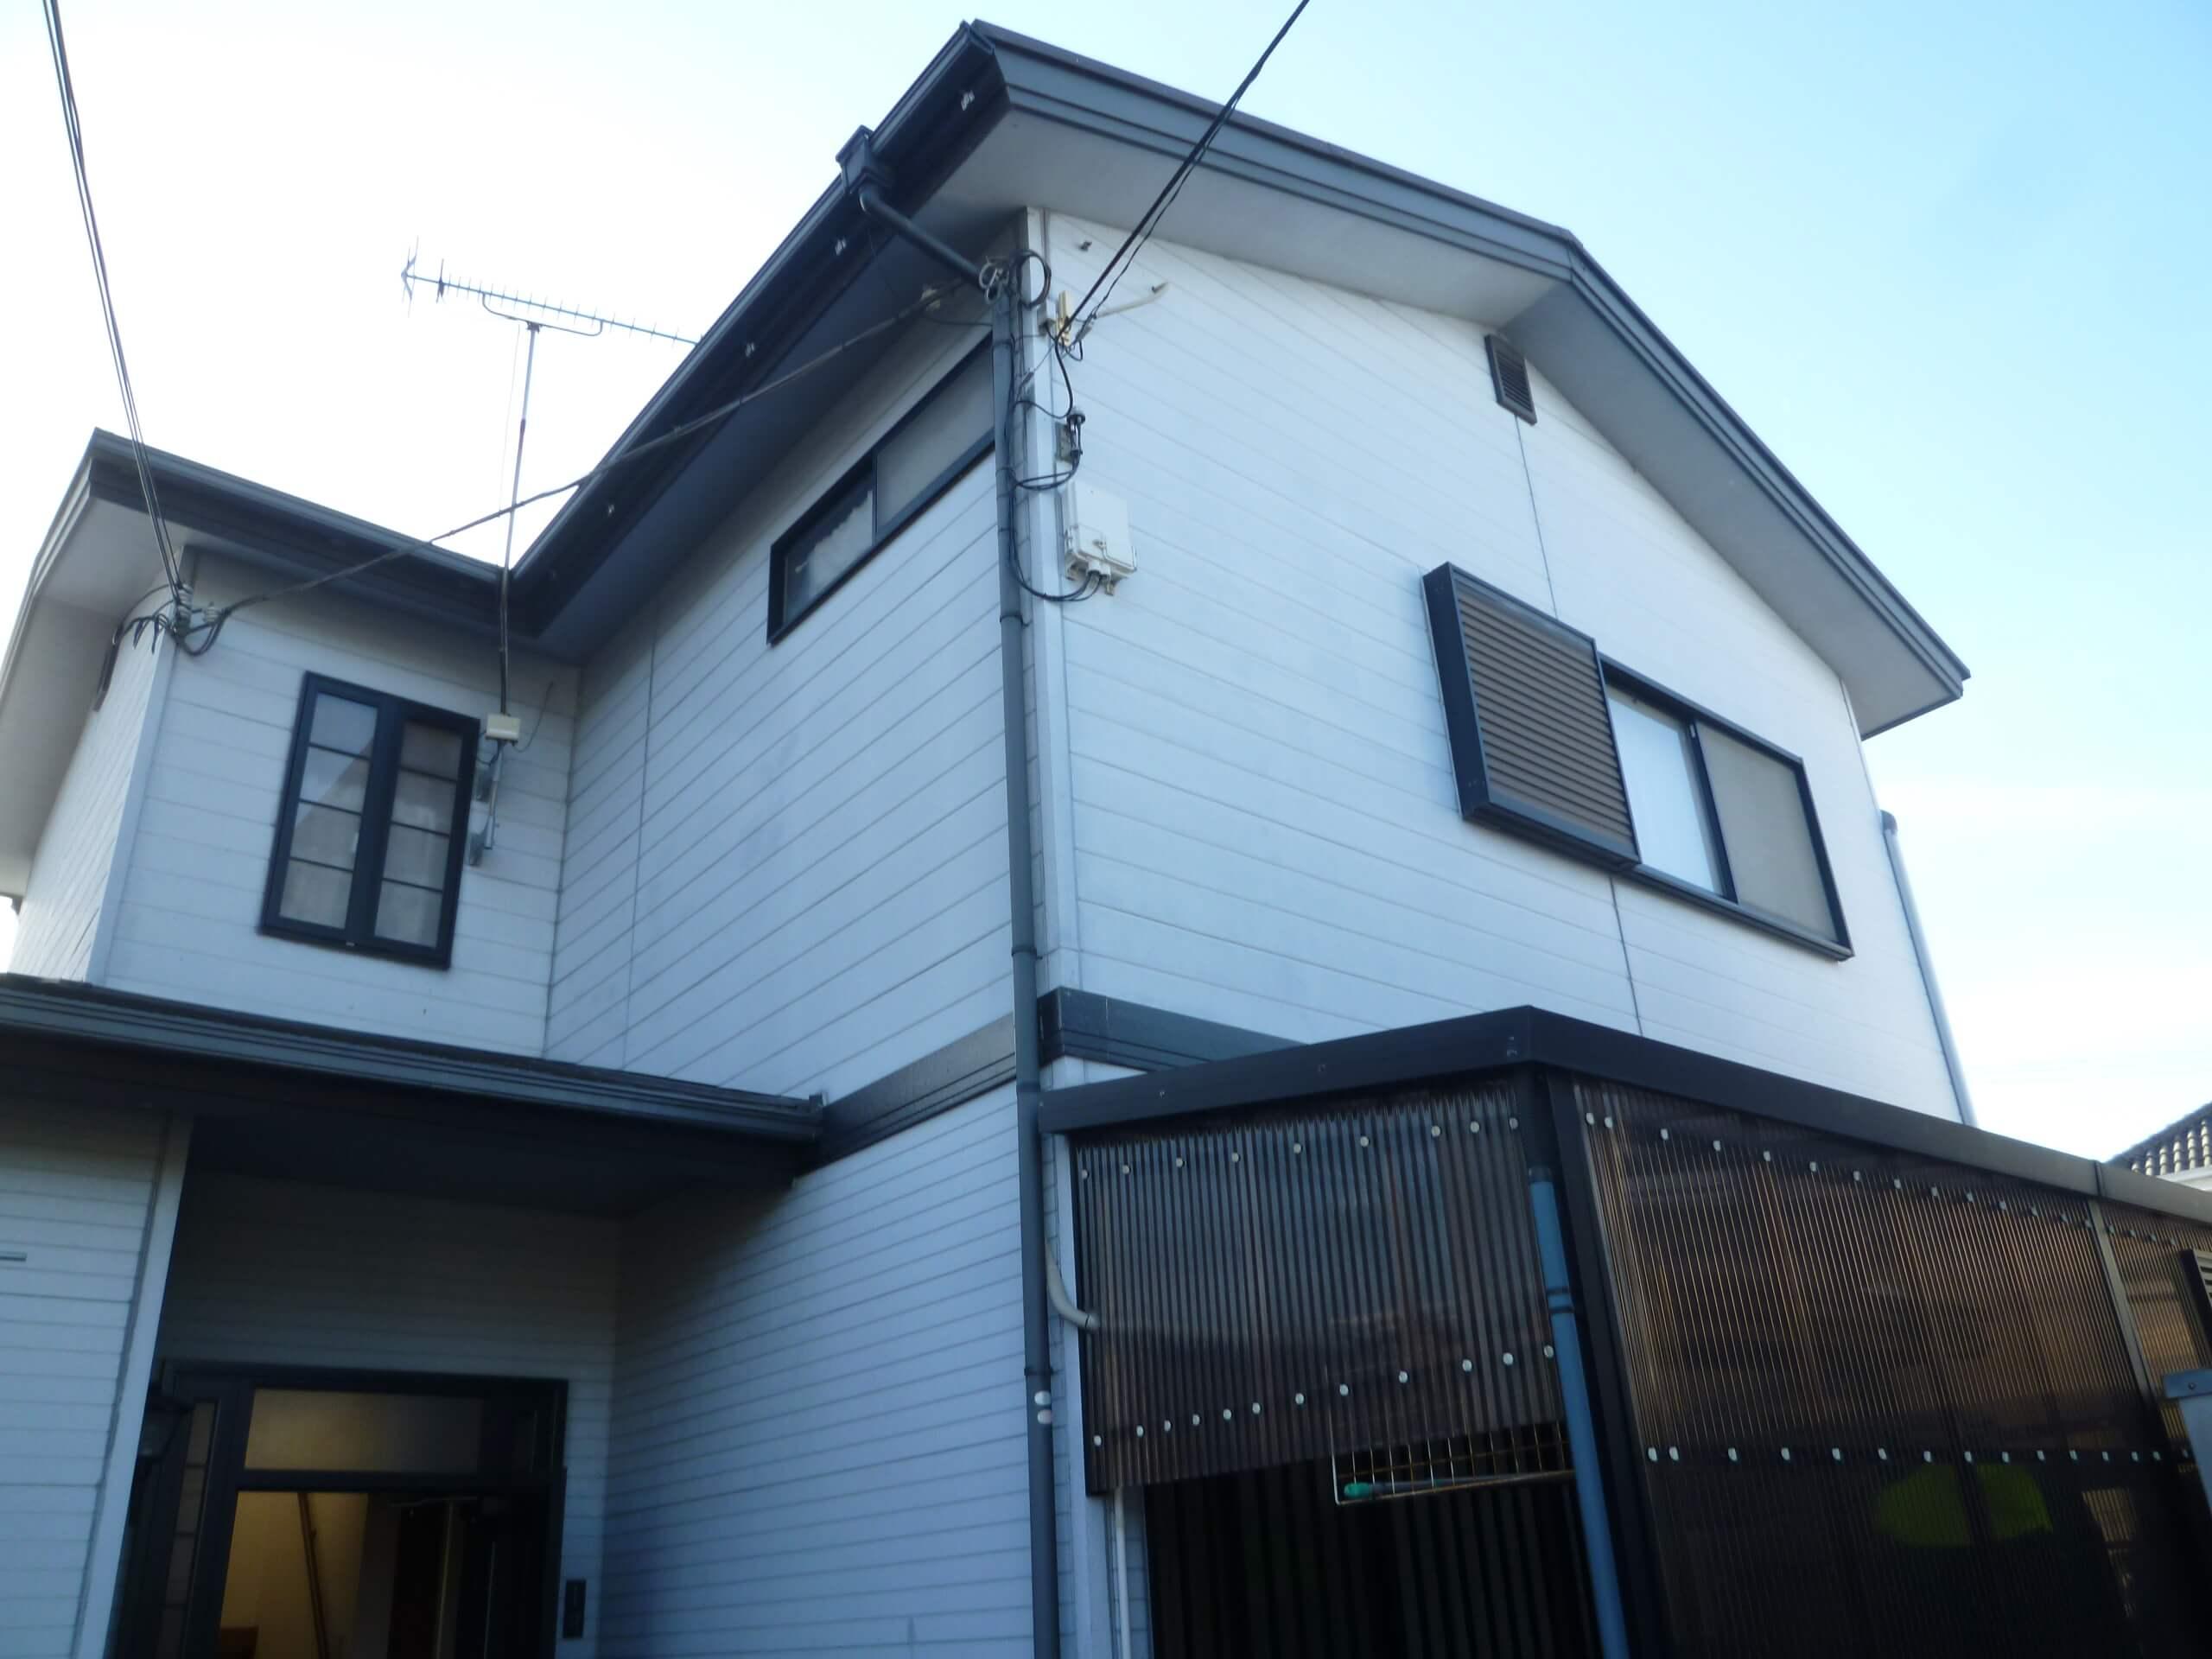 【和歌山市Y様邸】外壁・屋根塗装工事【オールシリコンプラン】before